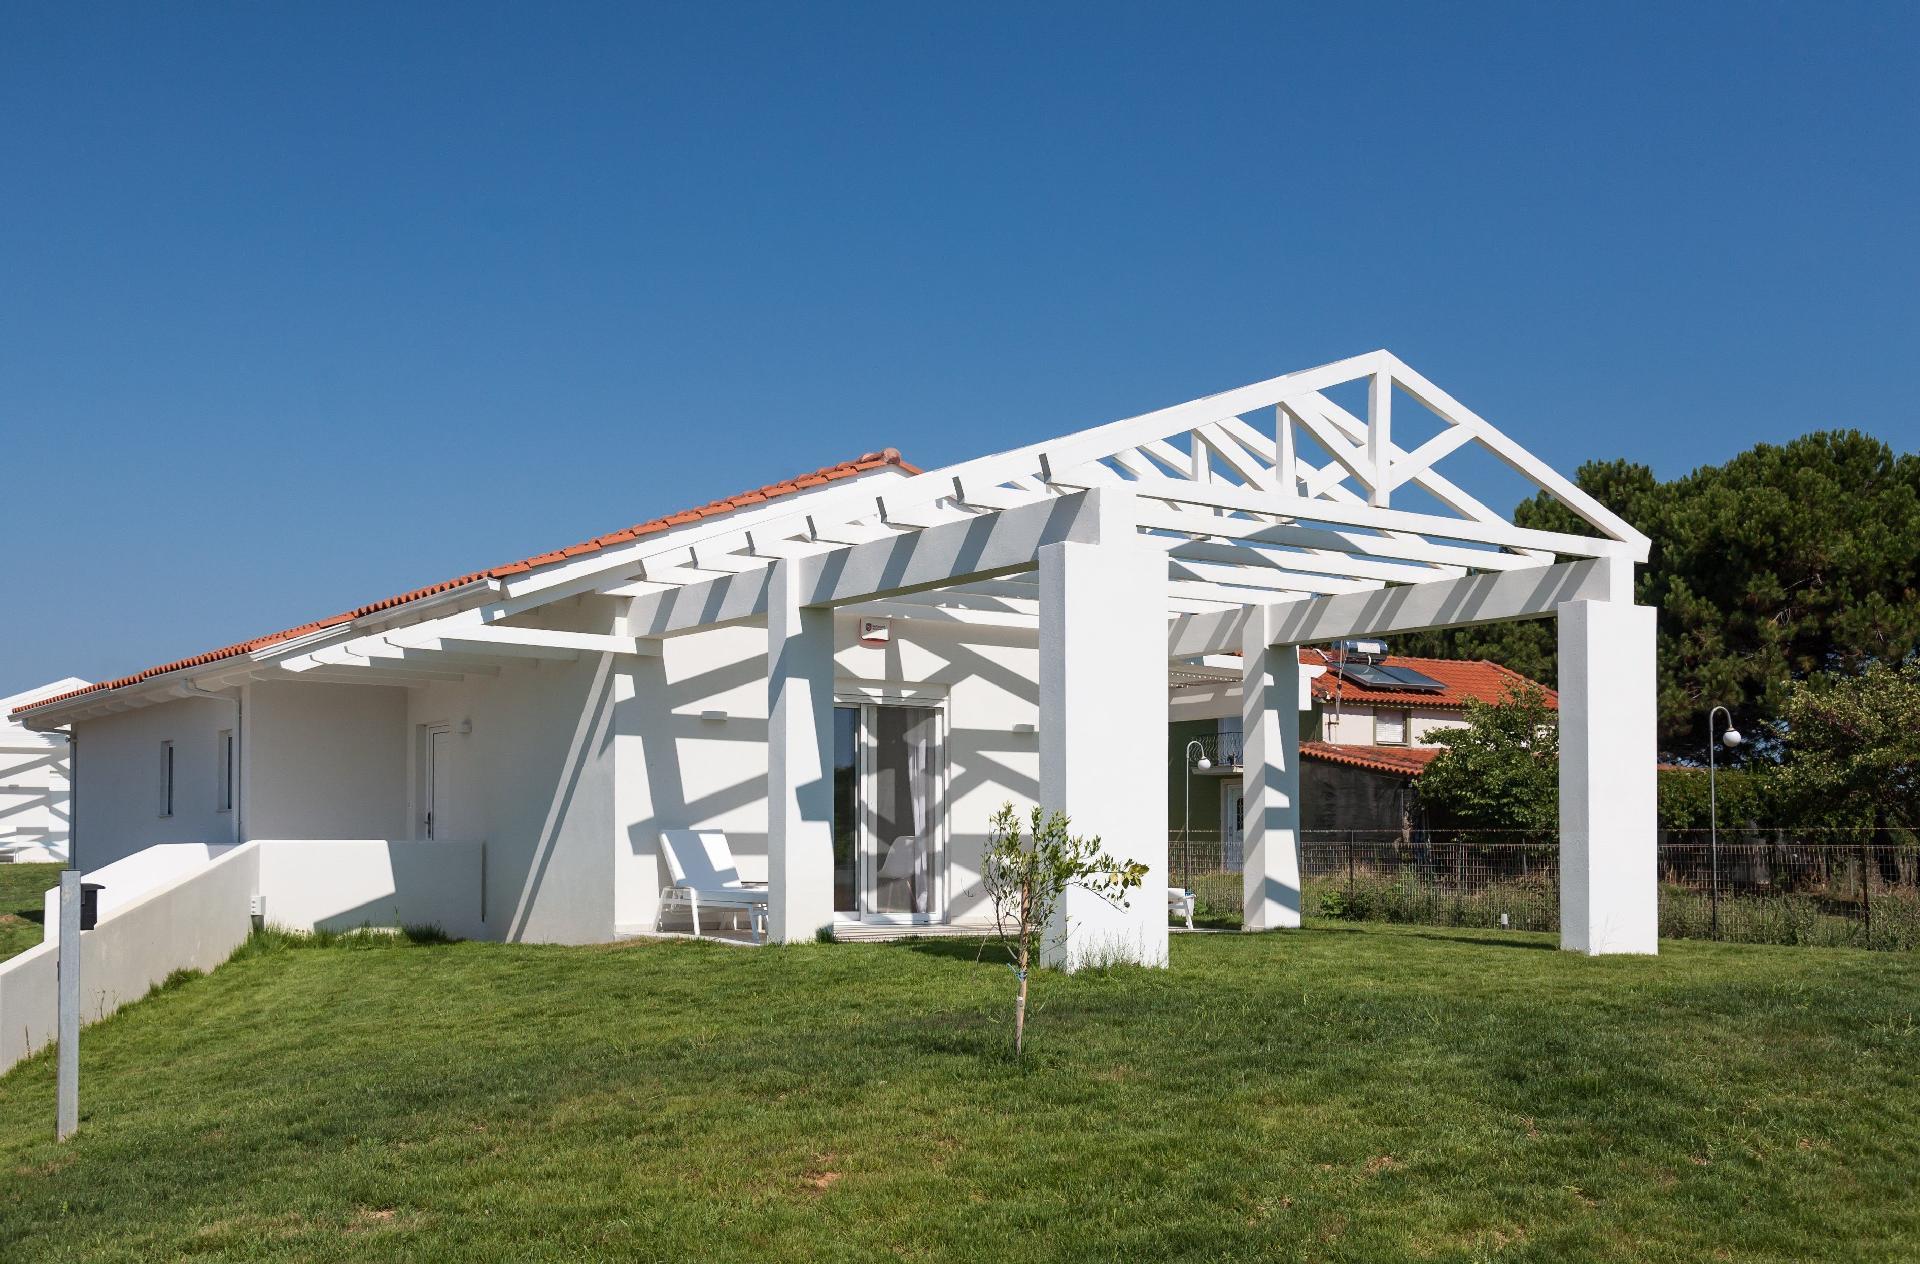 Ferienhaus für 6 Personen ca 80 m² in Douneika Griechisches Festland Peloponnes